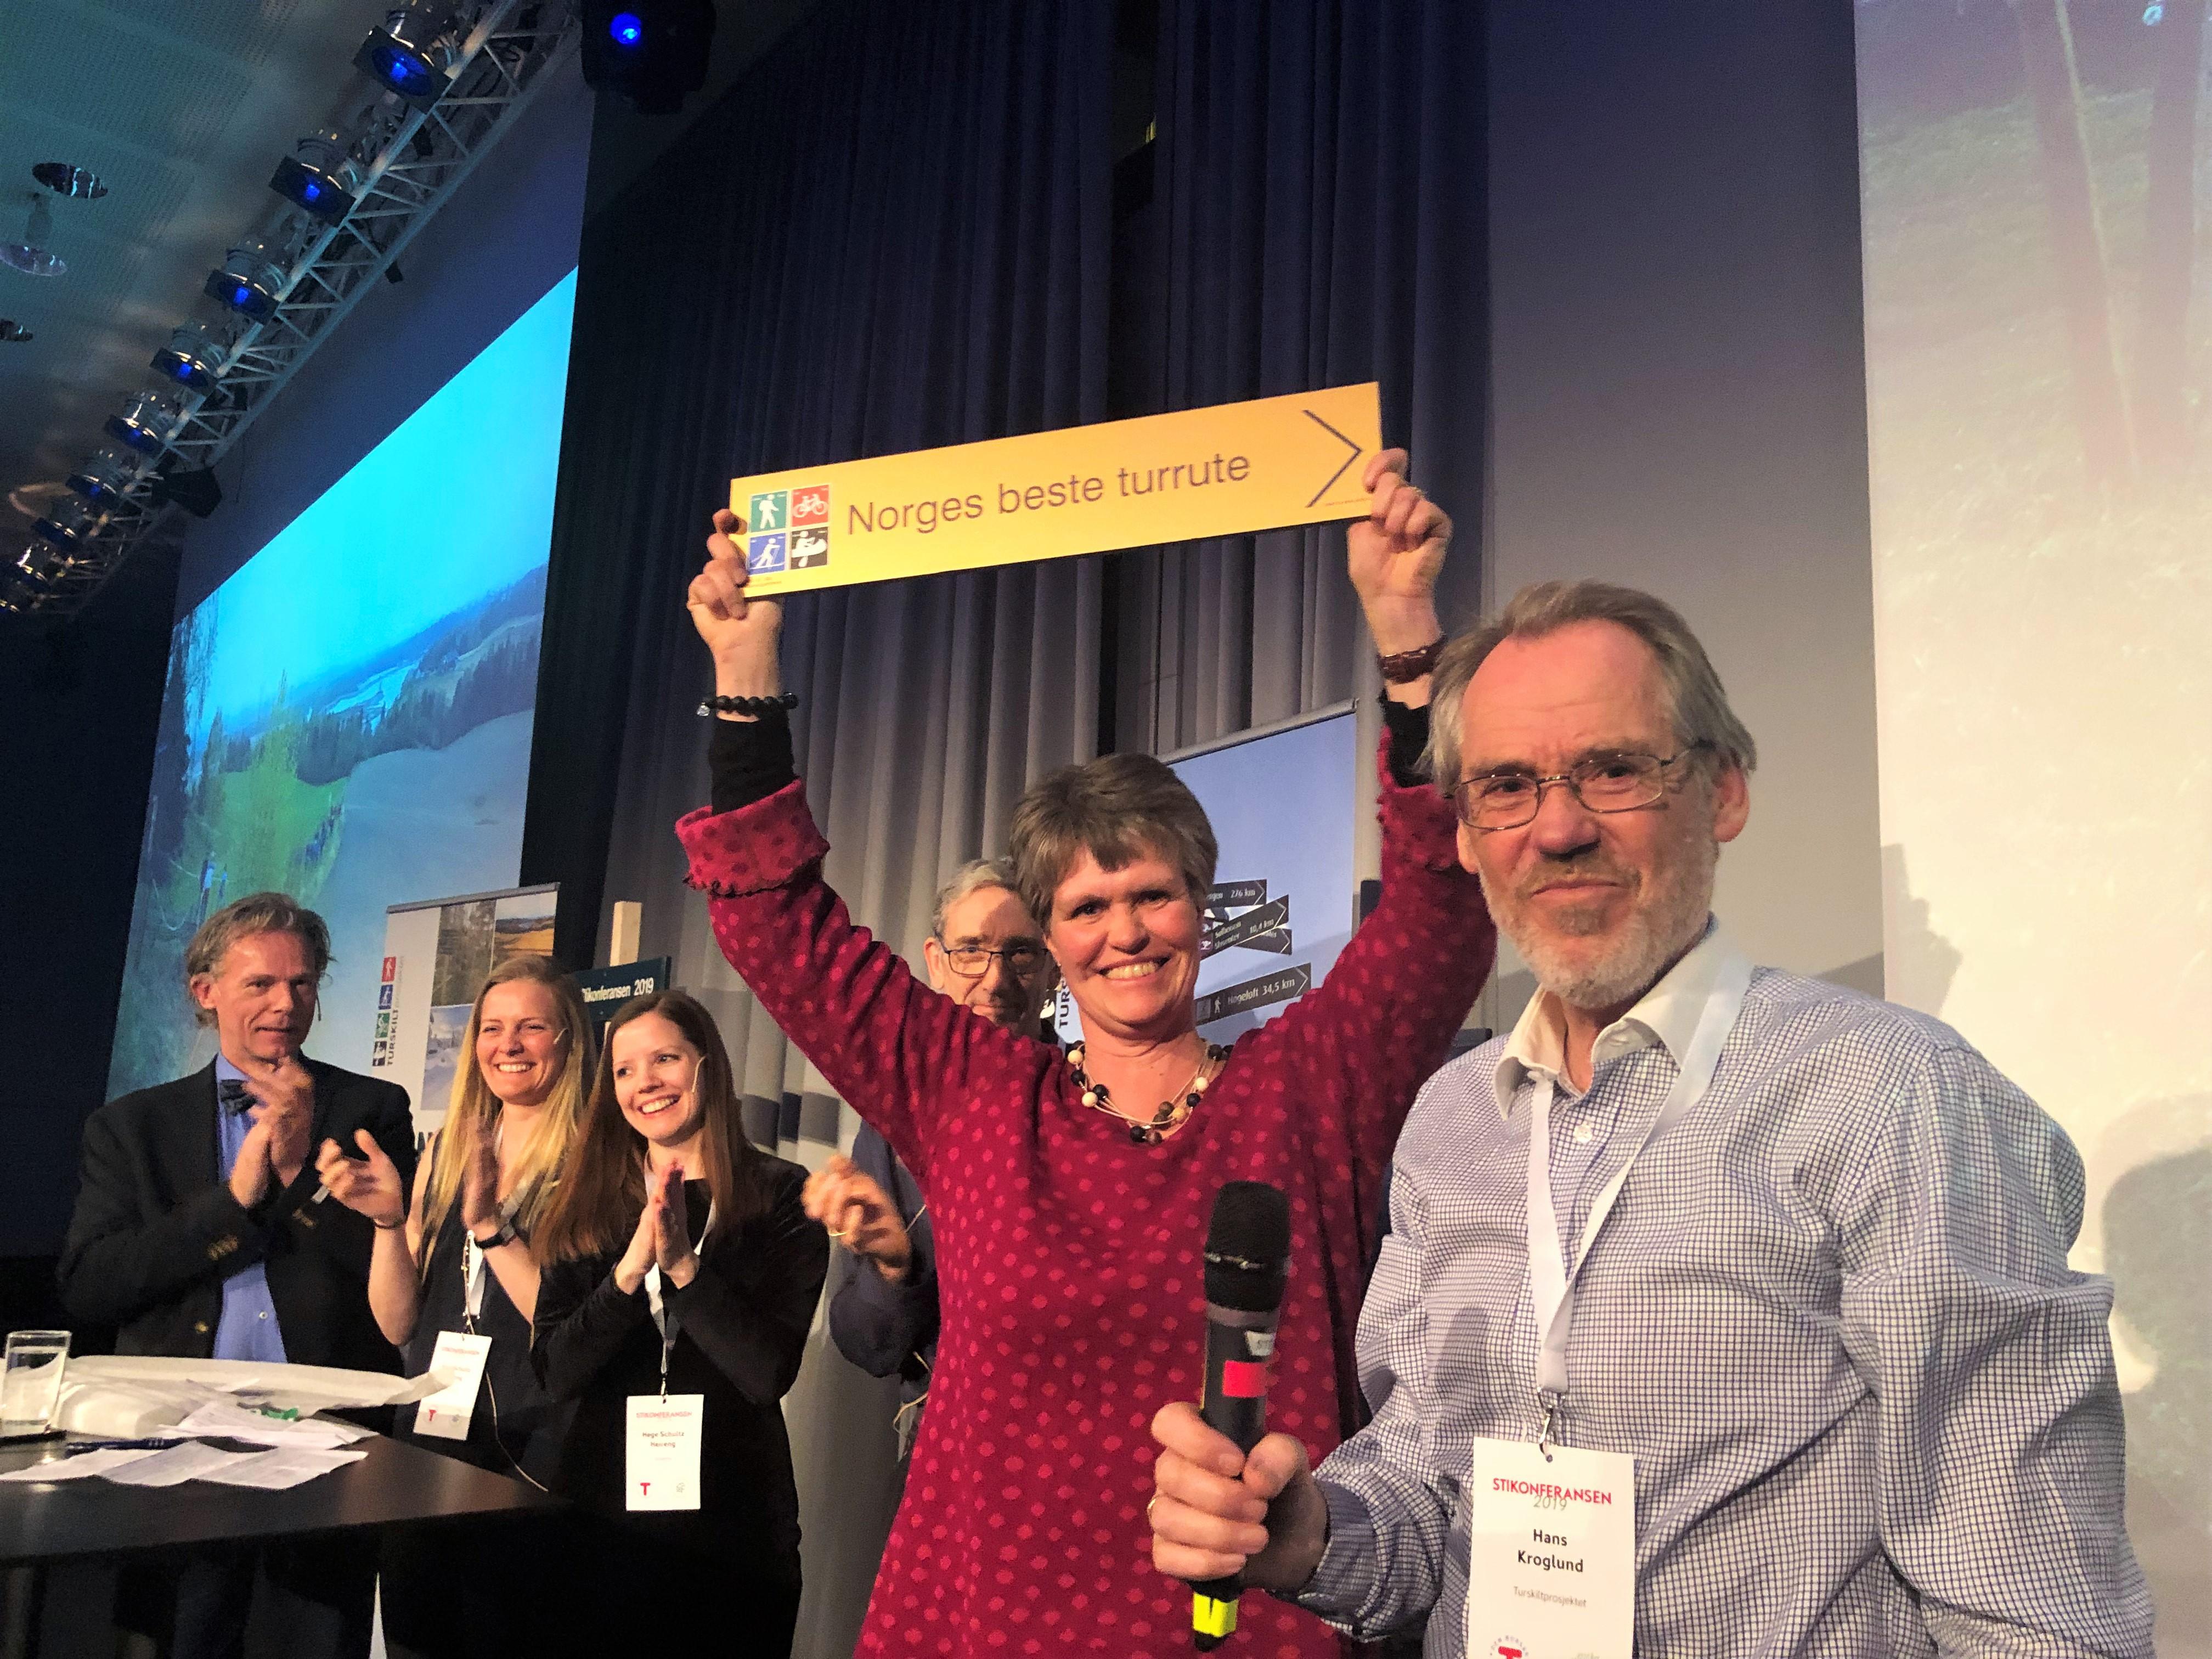 Hans Kroglund og Margrete Ruud Skjeseth sammen med juryen